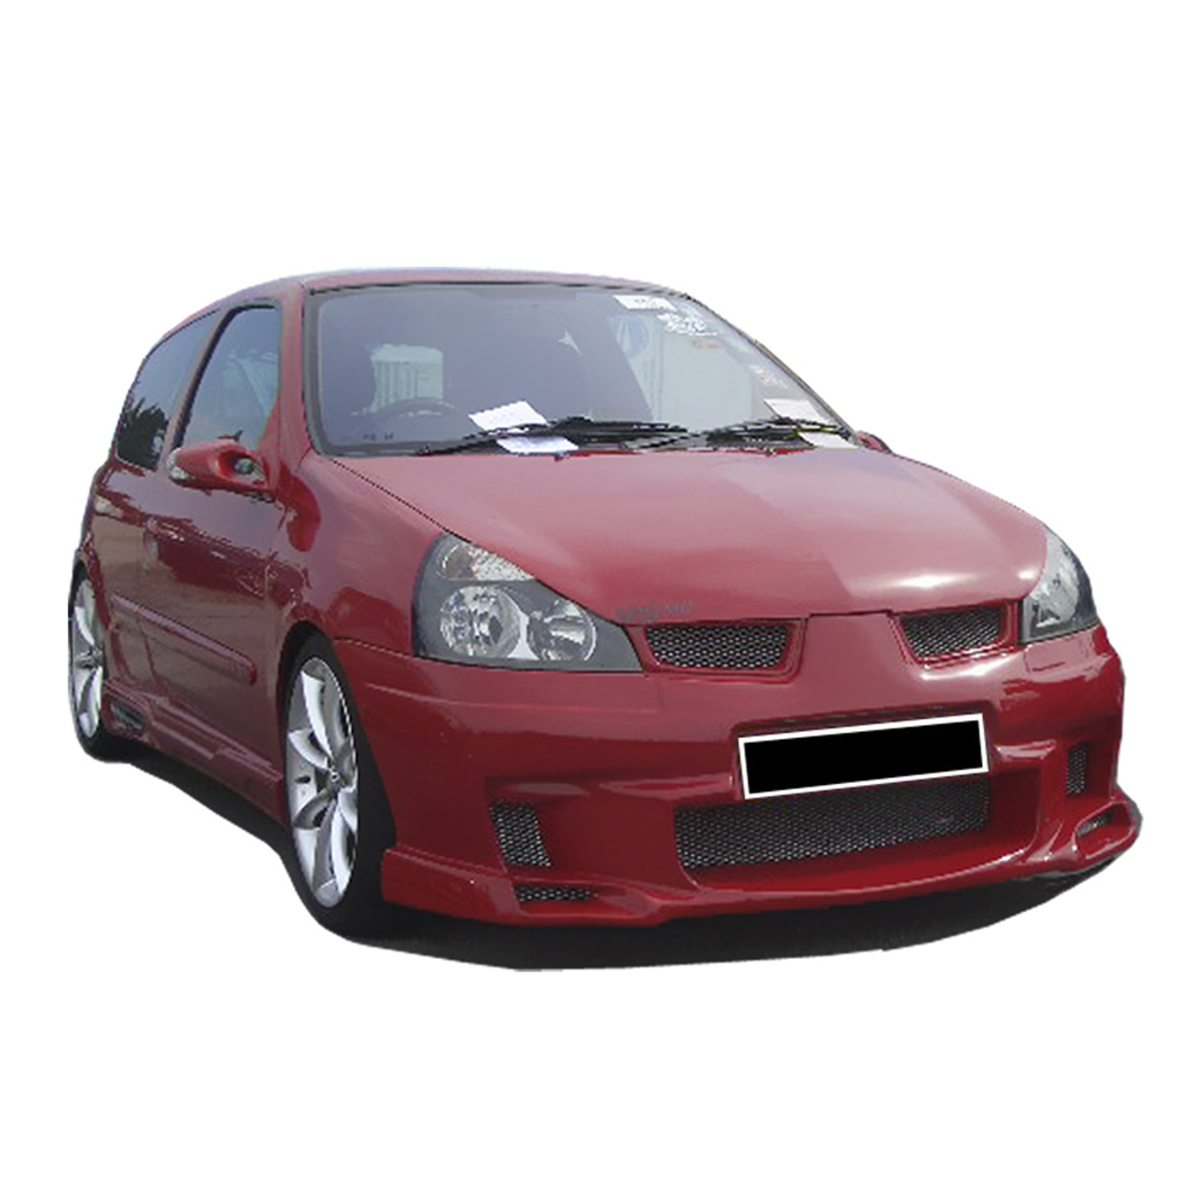 Renault-Clio-02-Lagune-Frt-PCU0840.2